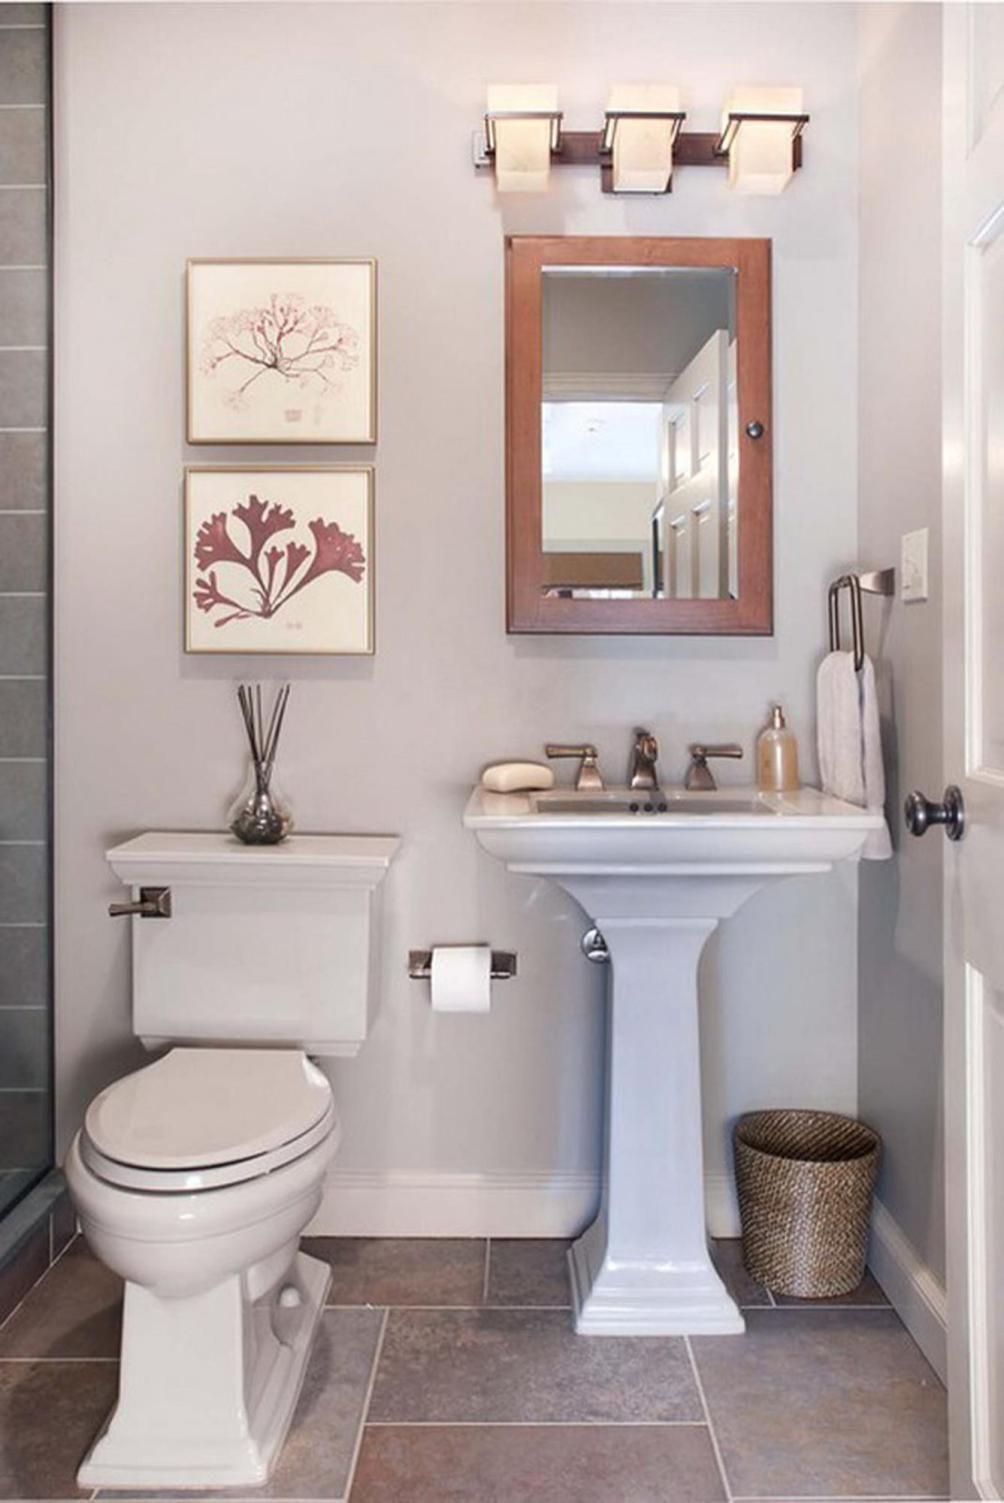 48 Perfect Spa Bathroom Ideas For Small Bathrooms Con Imagenes